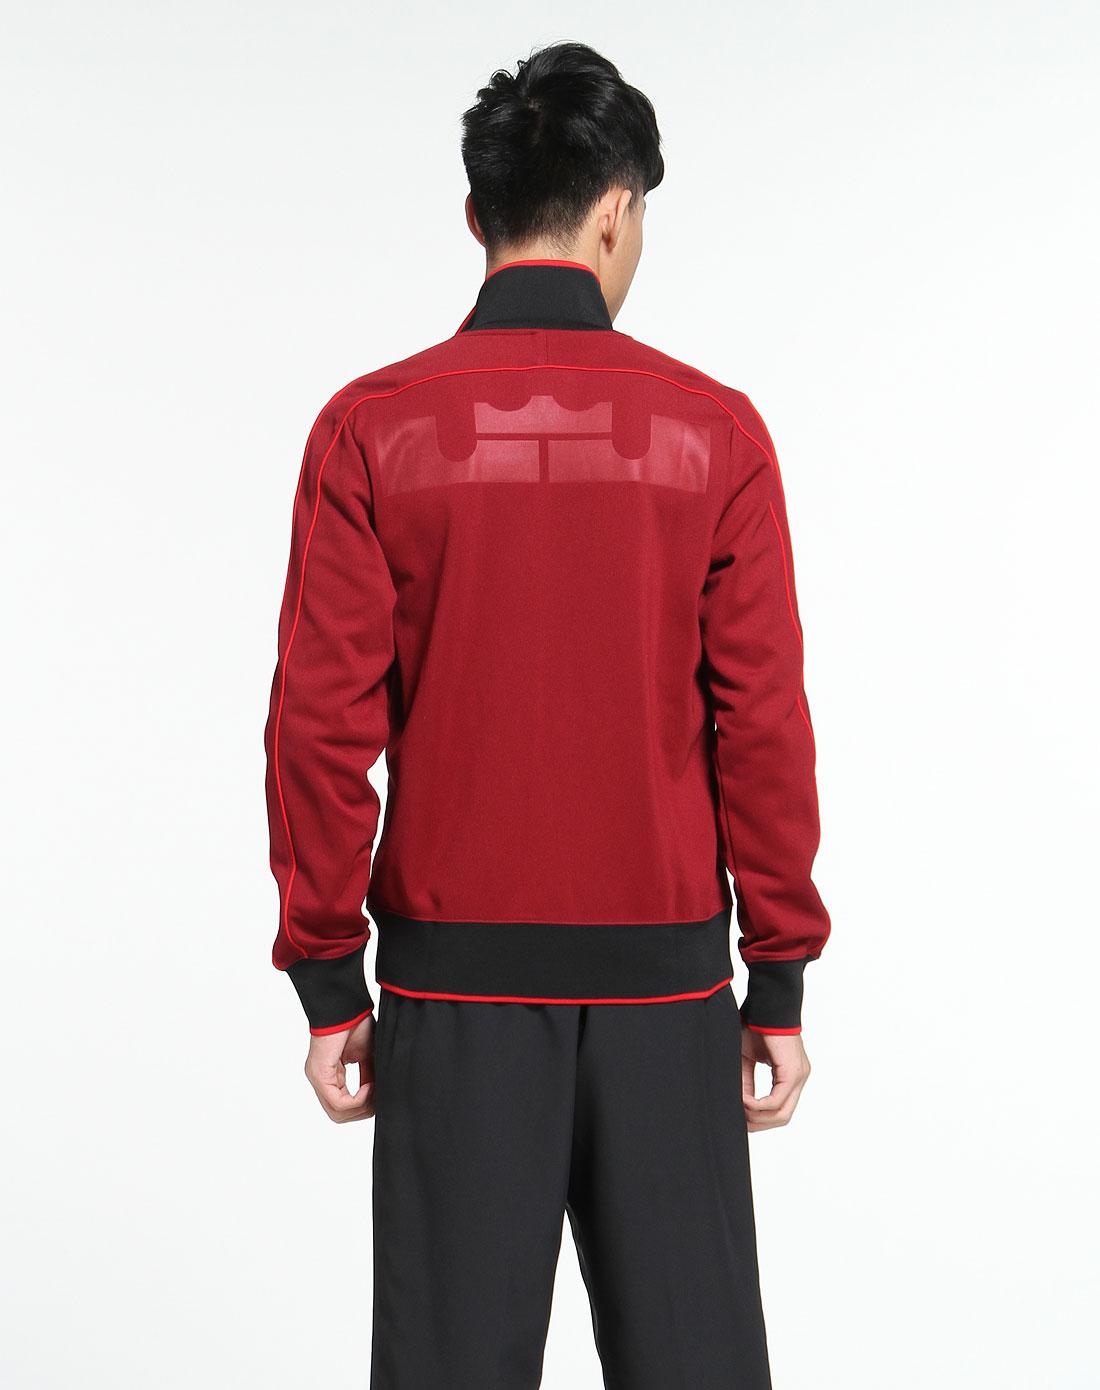 耐克nike深红色长袖针织外套451589-677_唯品会